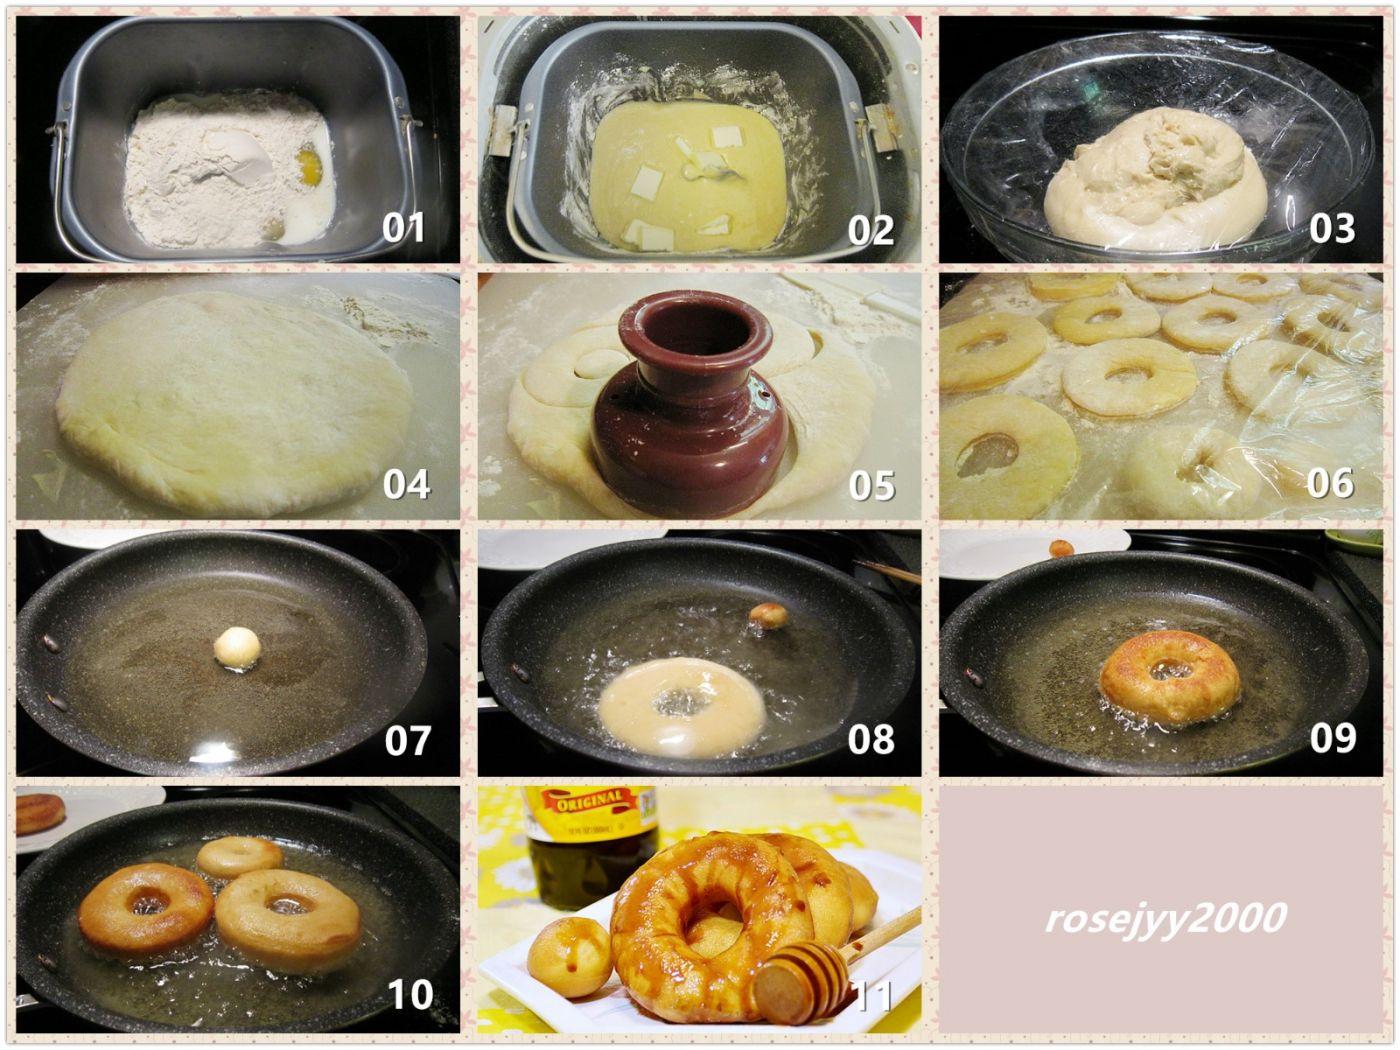 酵母版甜面圈_图1-2